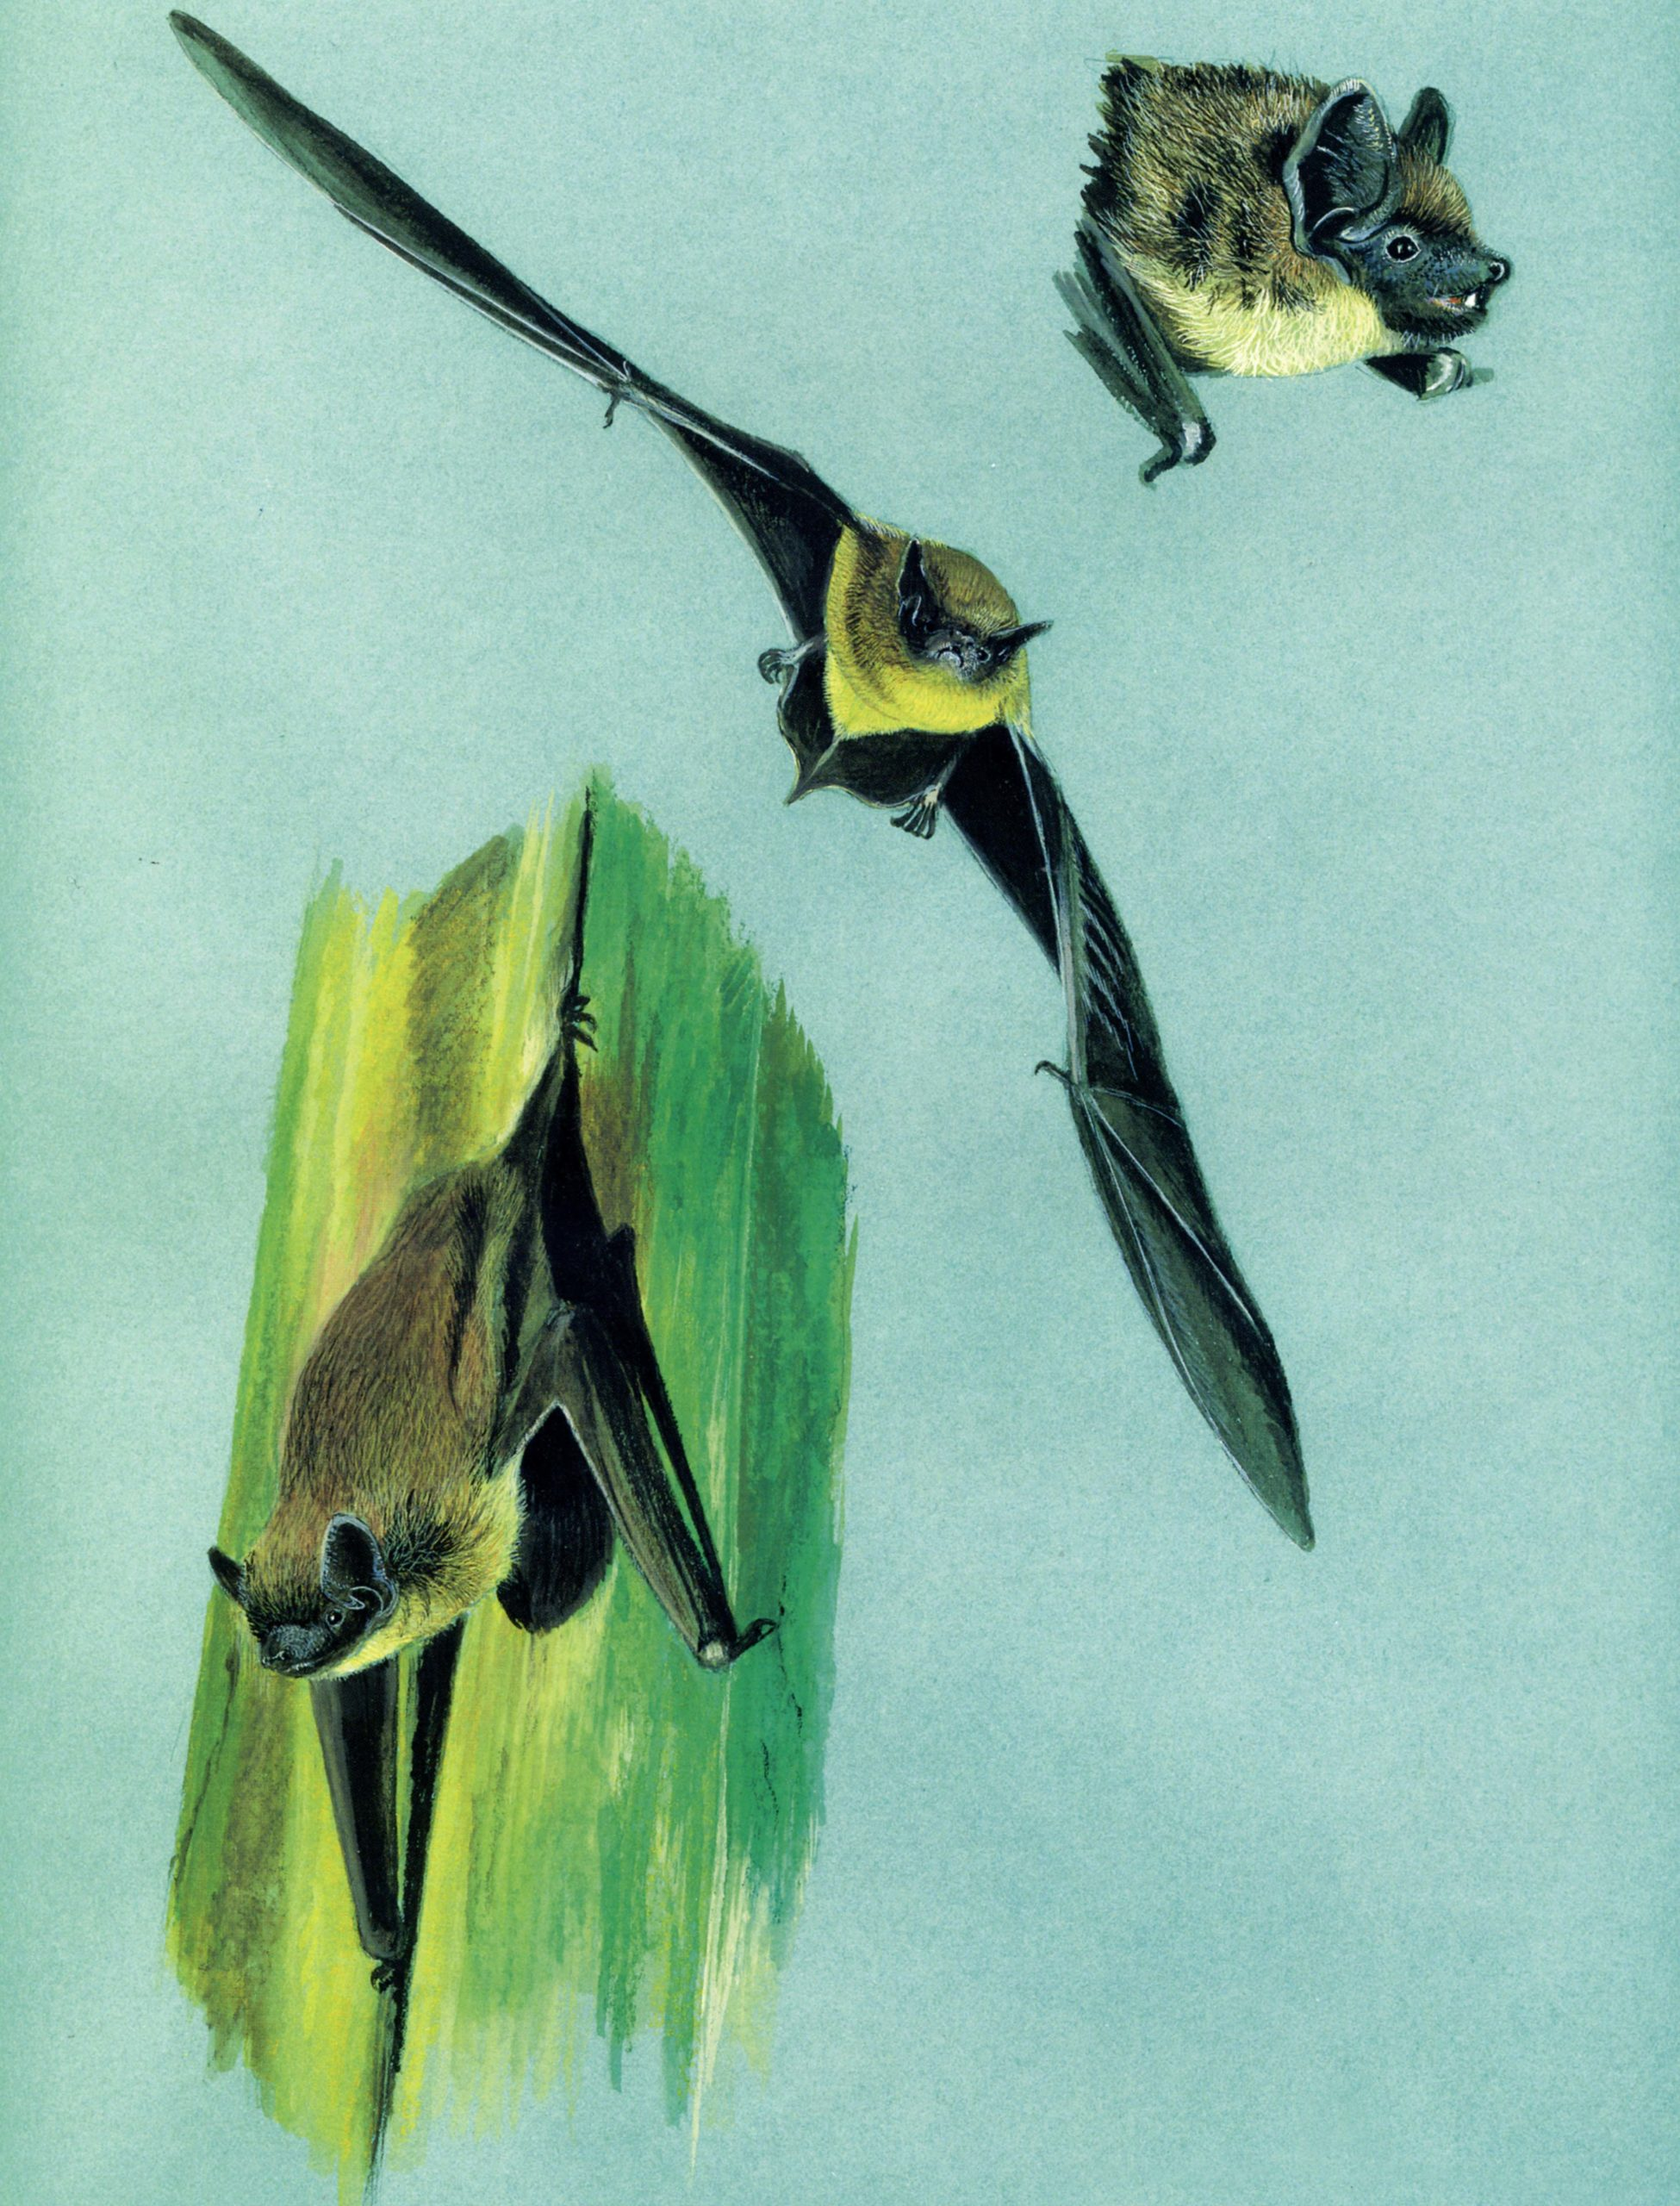 Serotino comune (Eptesicus serotinus)